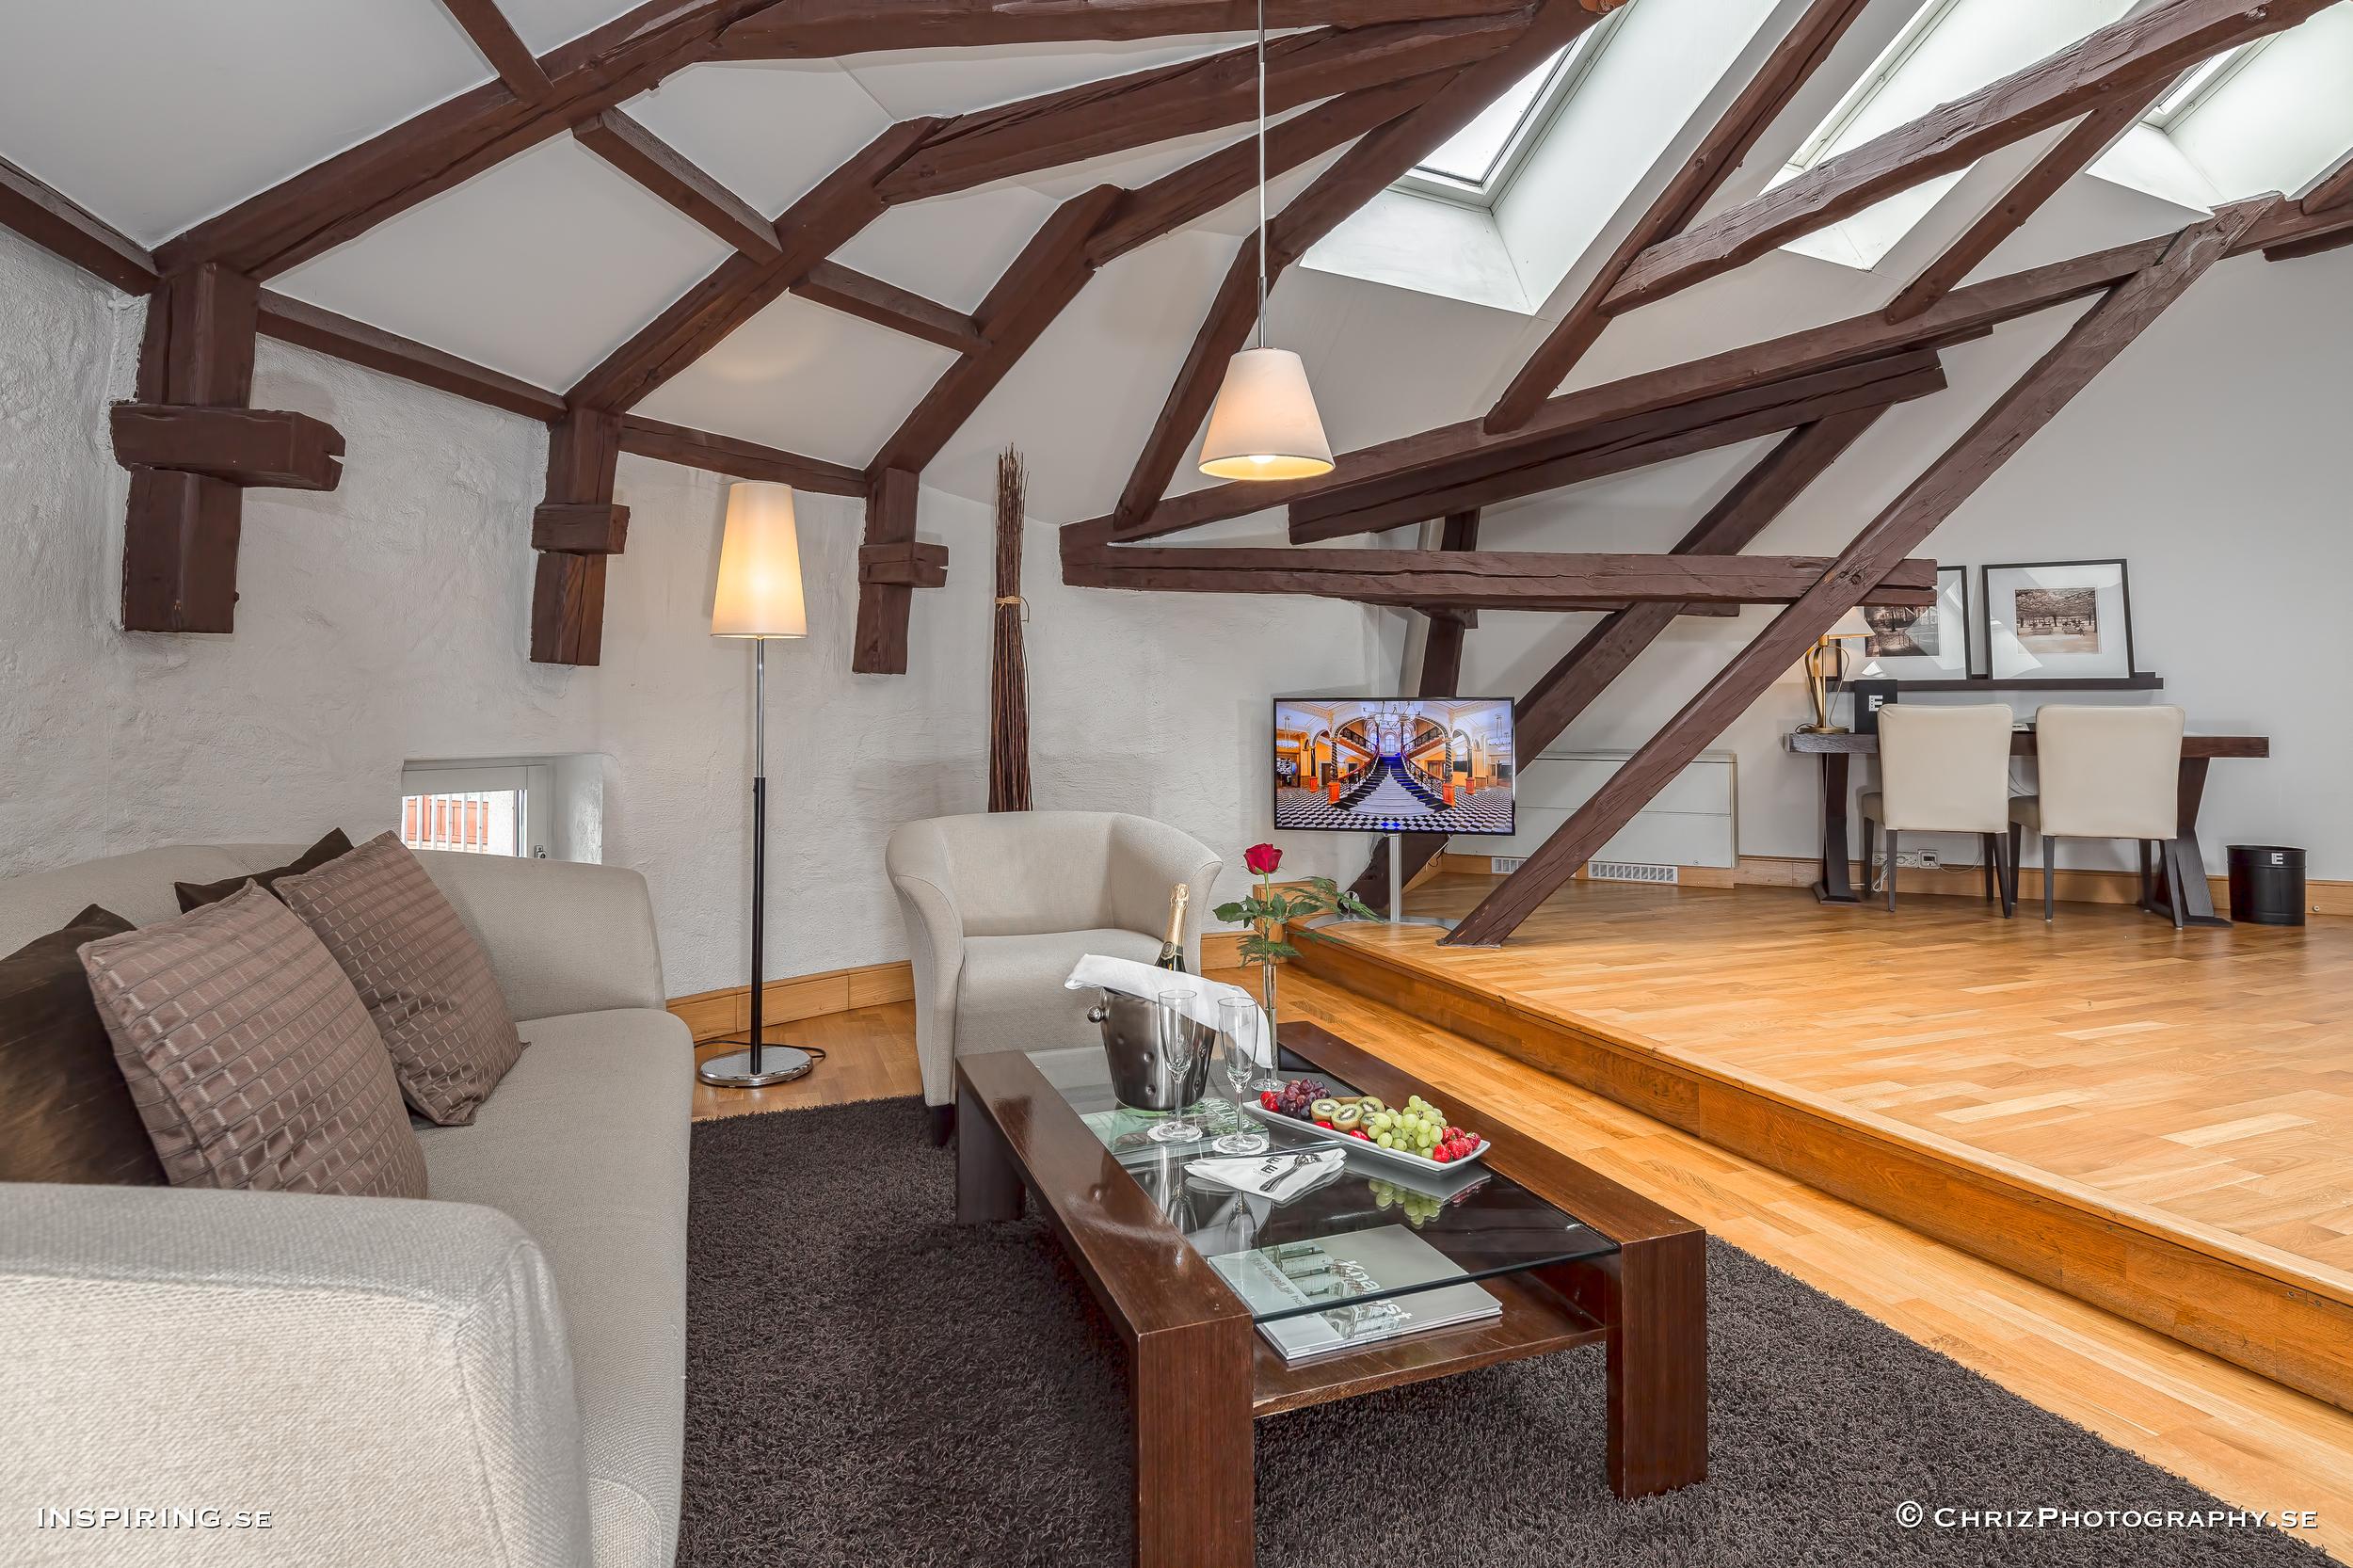 Elite_Hotel_Knaust_Inspiring.se_copyright_ChrizPhotography.se_14.jpg